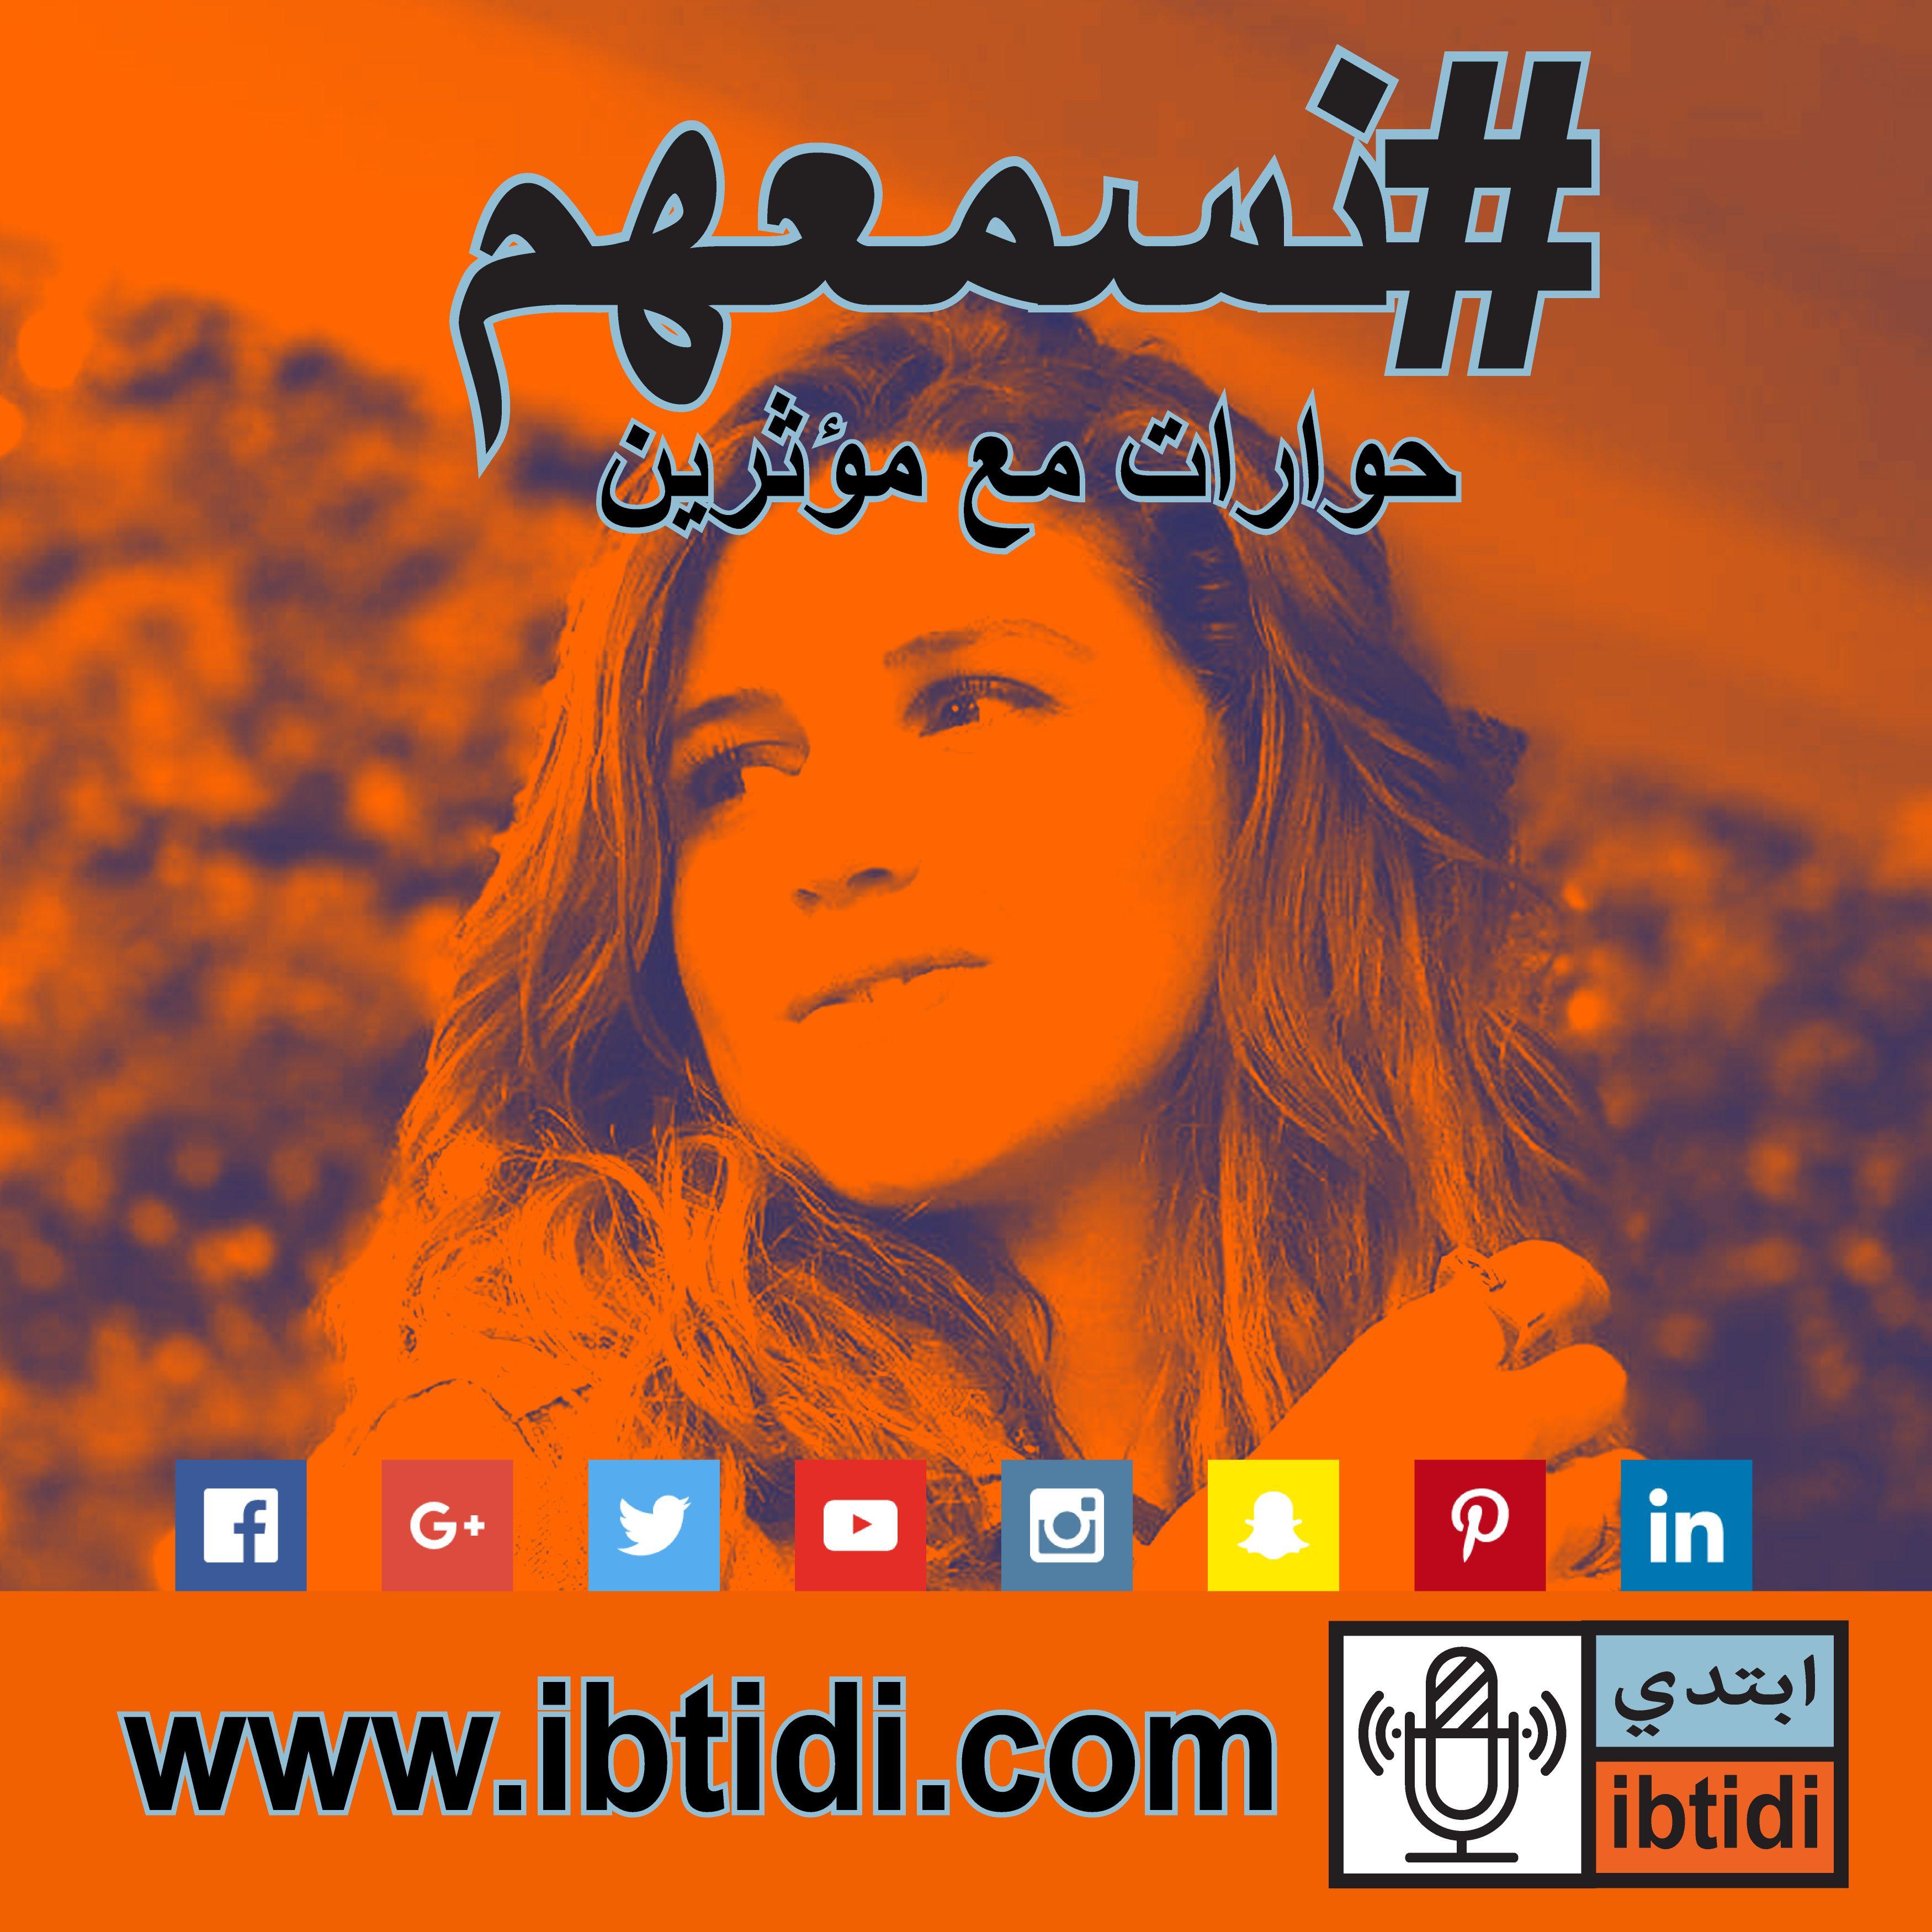 برنامج #نسمعهم - حلقة ٠١٦- نور كامل - ألوان القاهرة الرمادية